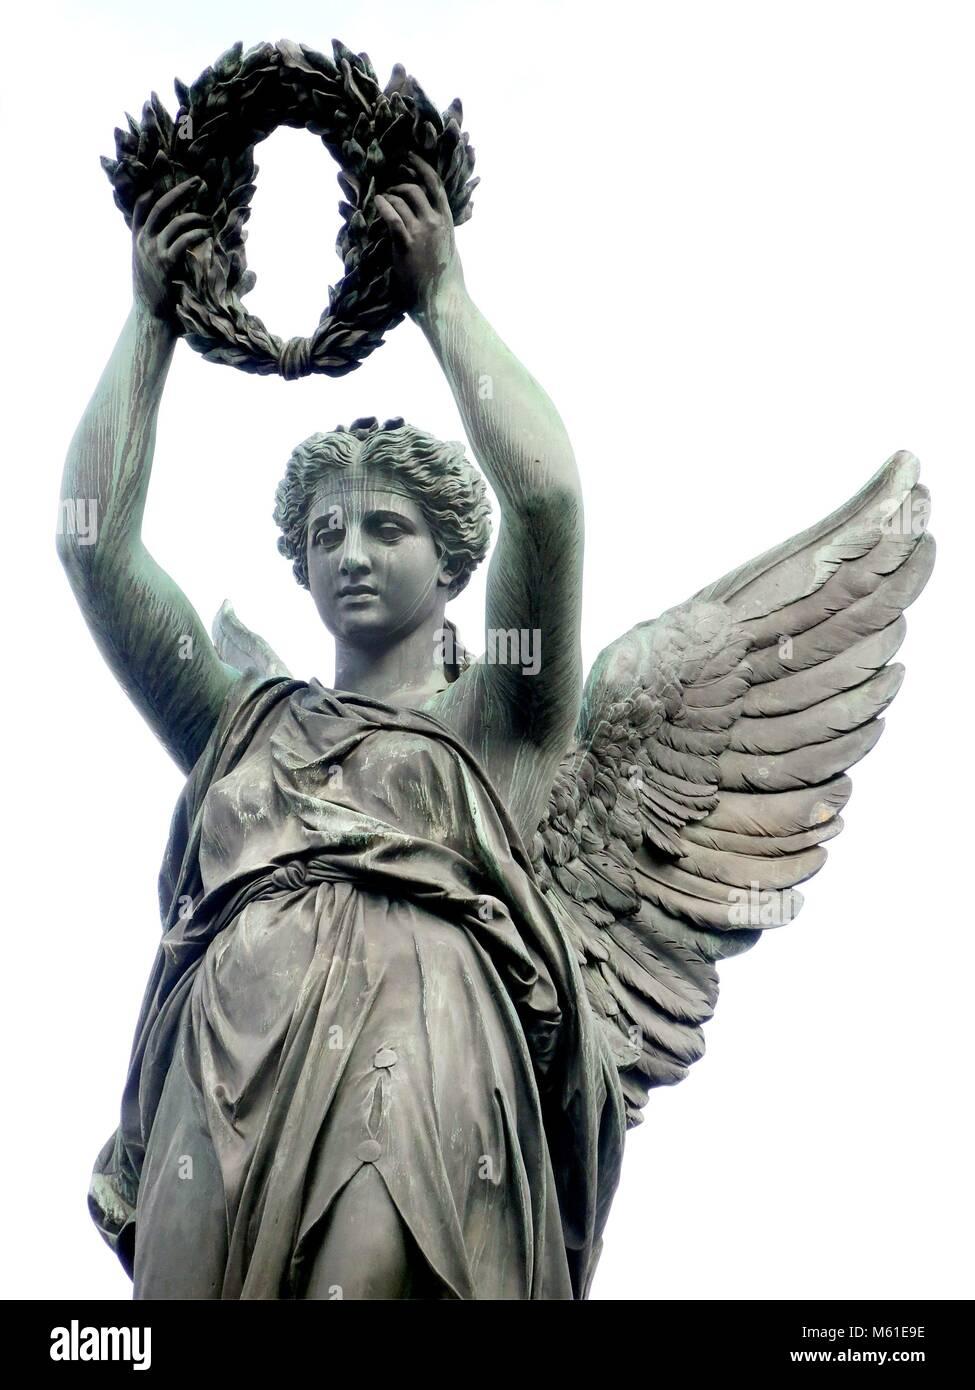 d44f9b183 Statua di bronzo di Victoria, dea romana della vittoria, dopo la vittoria  monumento 'Siegesdenkmal' a Friburgo (Germania). | Utilizzo di tutto il  mondo